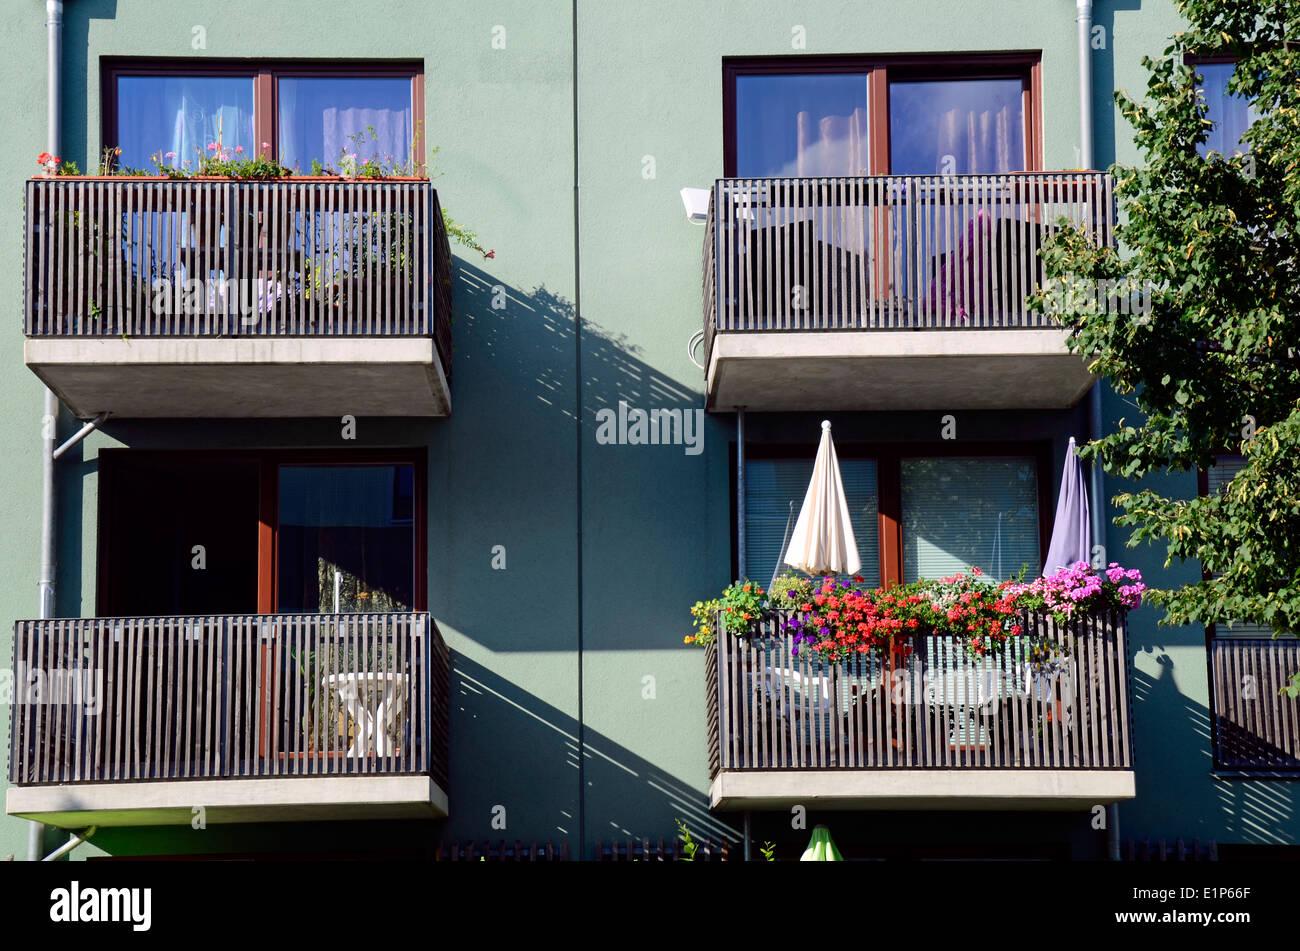 Façade maison moderne avec balcon dans la région de Potsdam ...